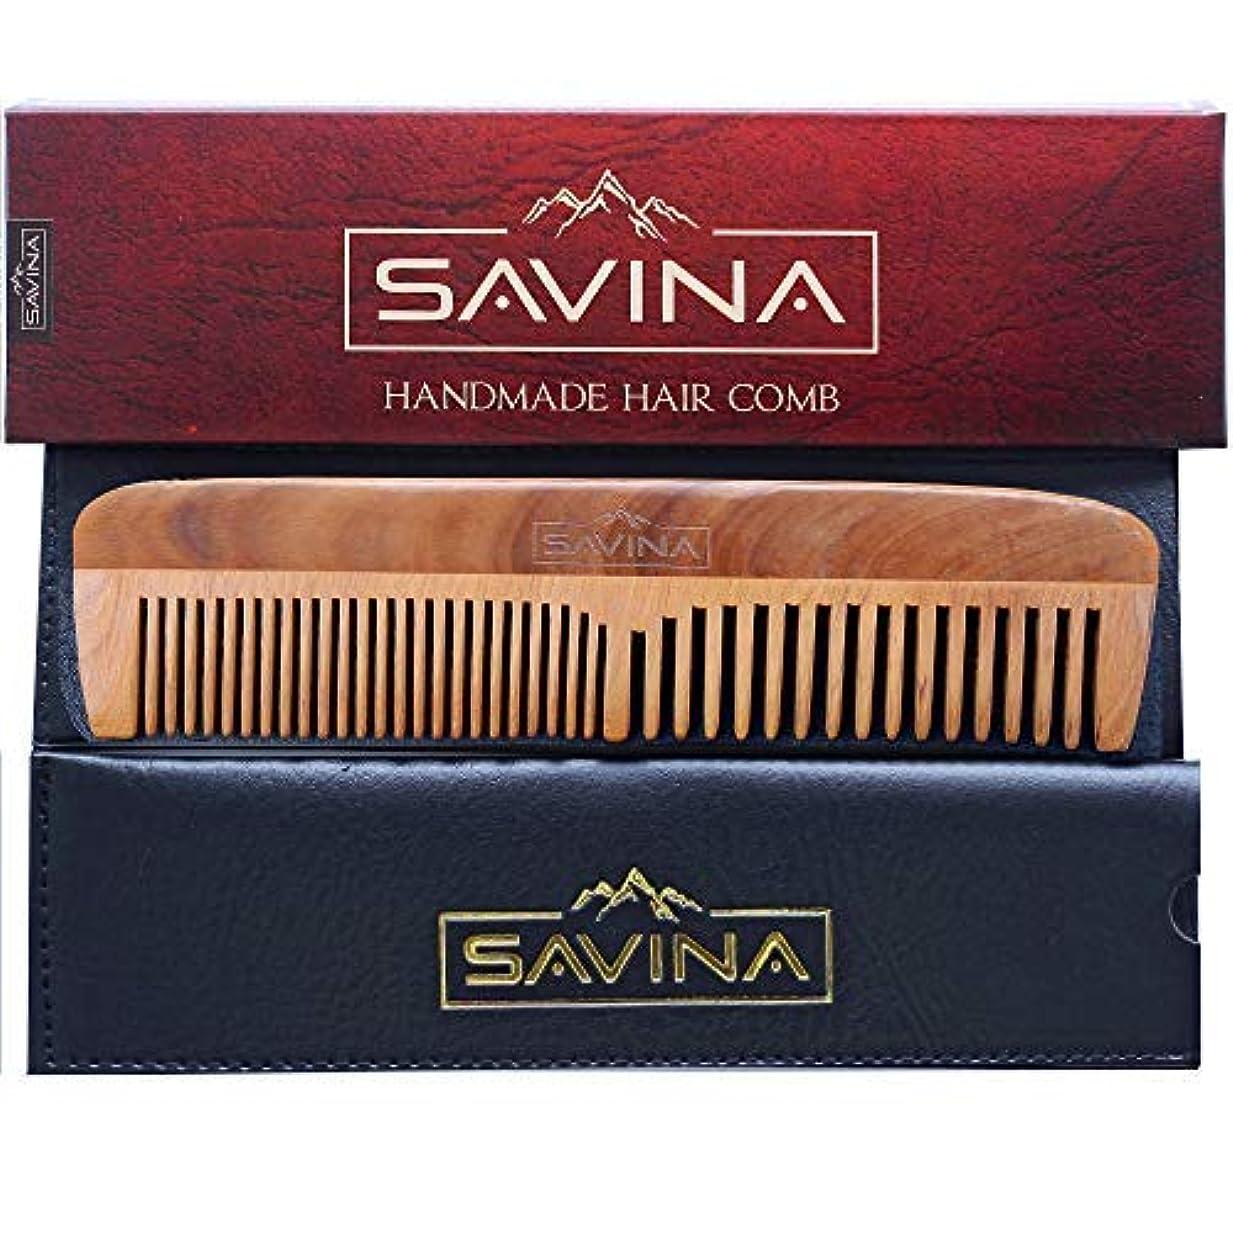 物語はっきりと誠実Comb For Men - Hair and Beard Comb with Fine and Medium Tooth | Anti Static, No Snag | Pocket Wooden Comb for...